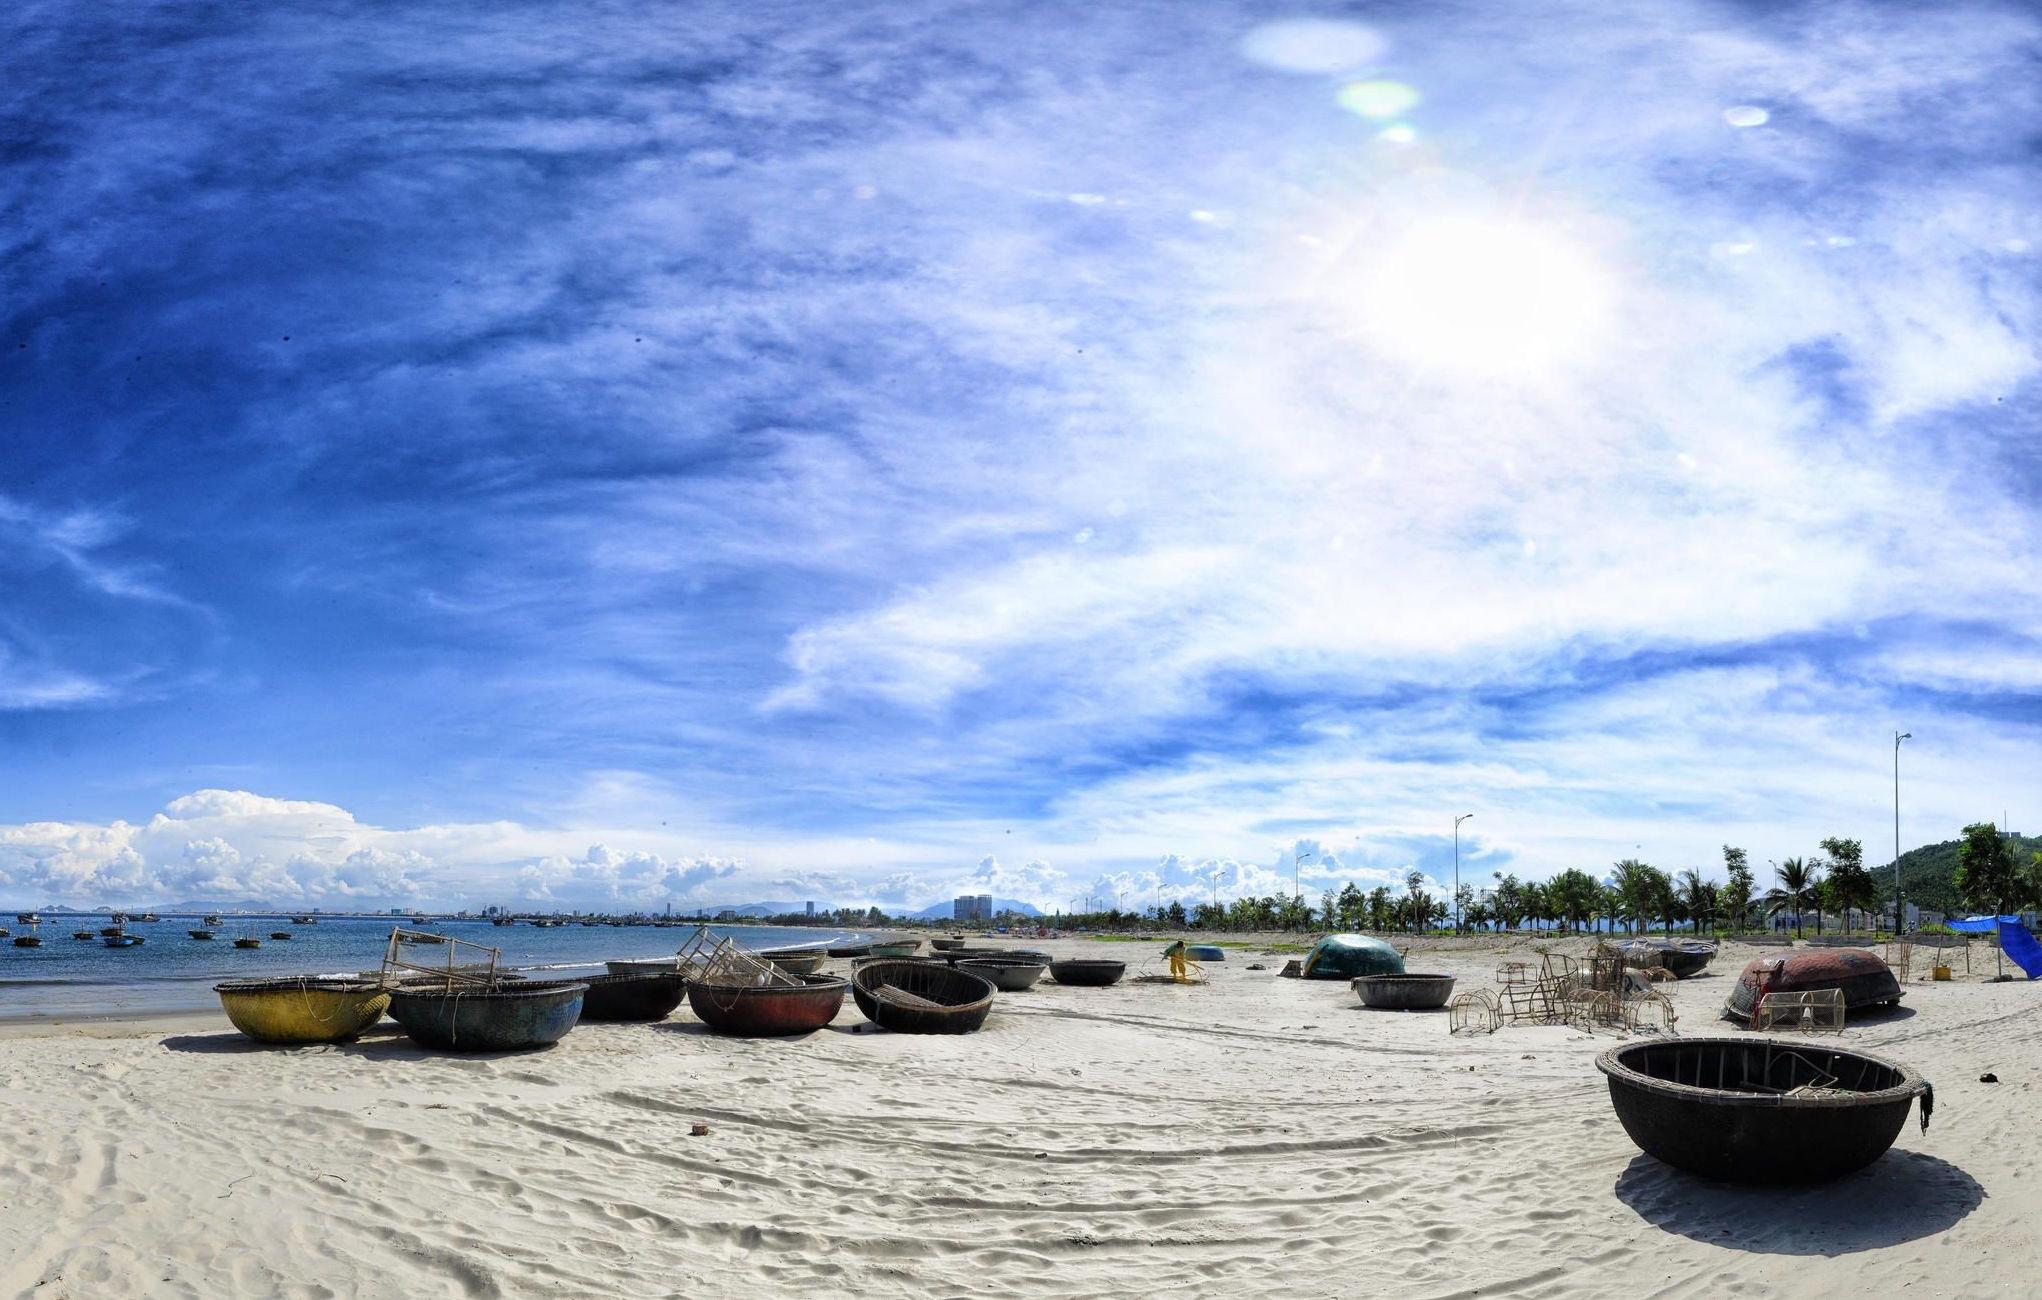 Tạp chí kinh tế hàng đầu của Mỹ Forbes đã bình chọn bãi biển Mỹ Khê Đà Nẵng là một trong sáu bãi biển quyến rũ nhất hành tinh.